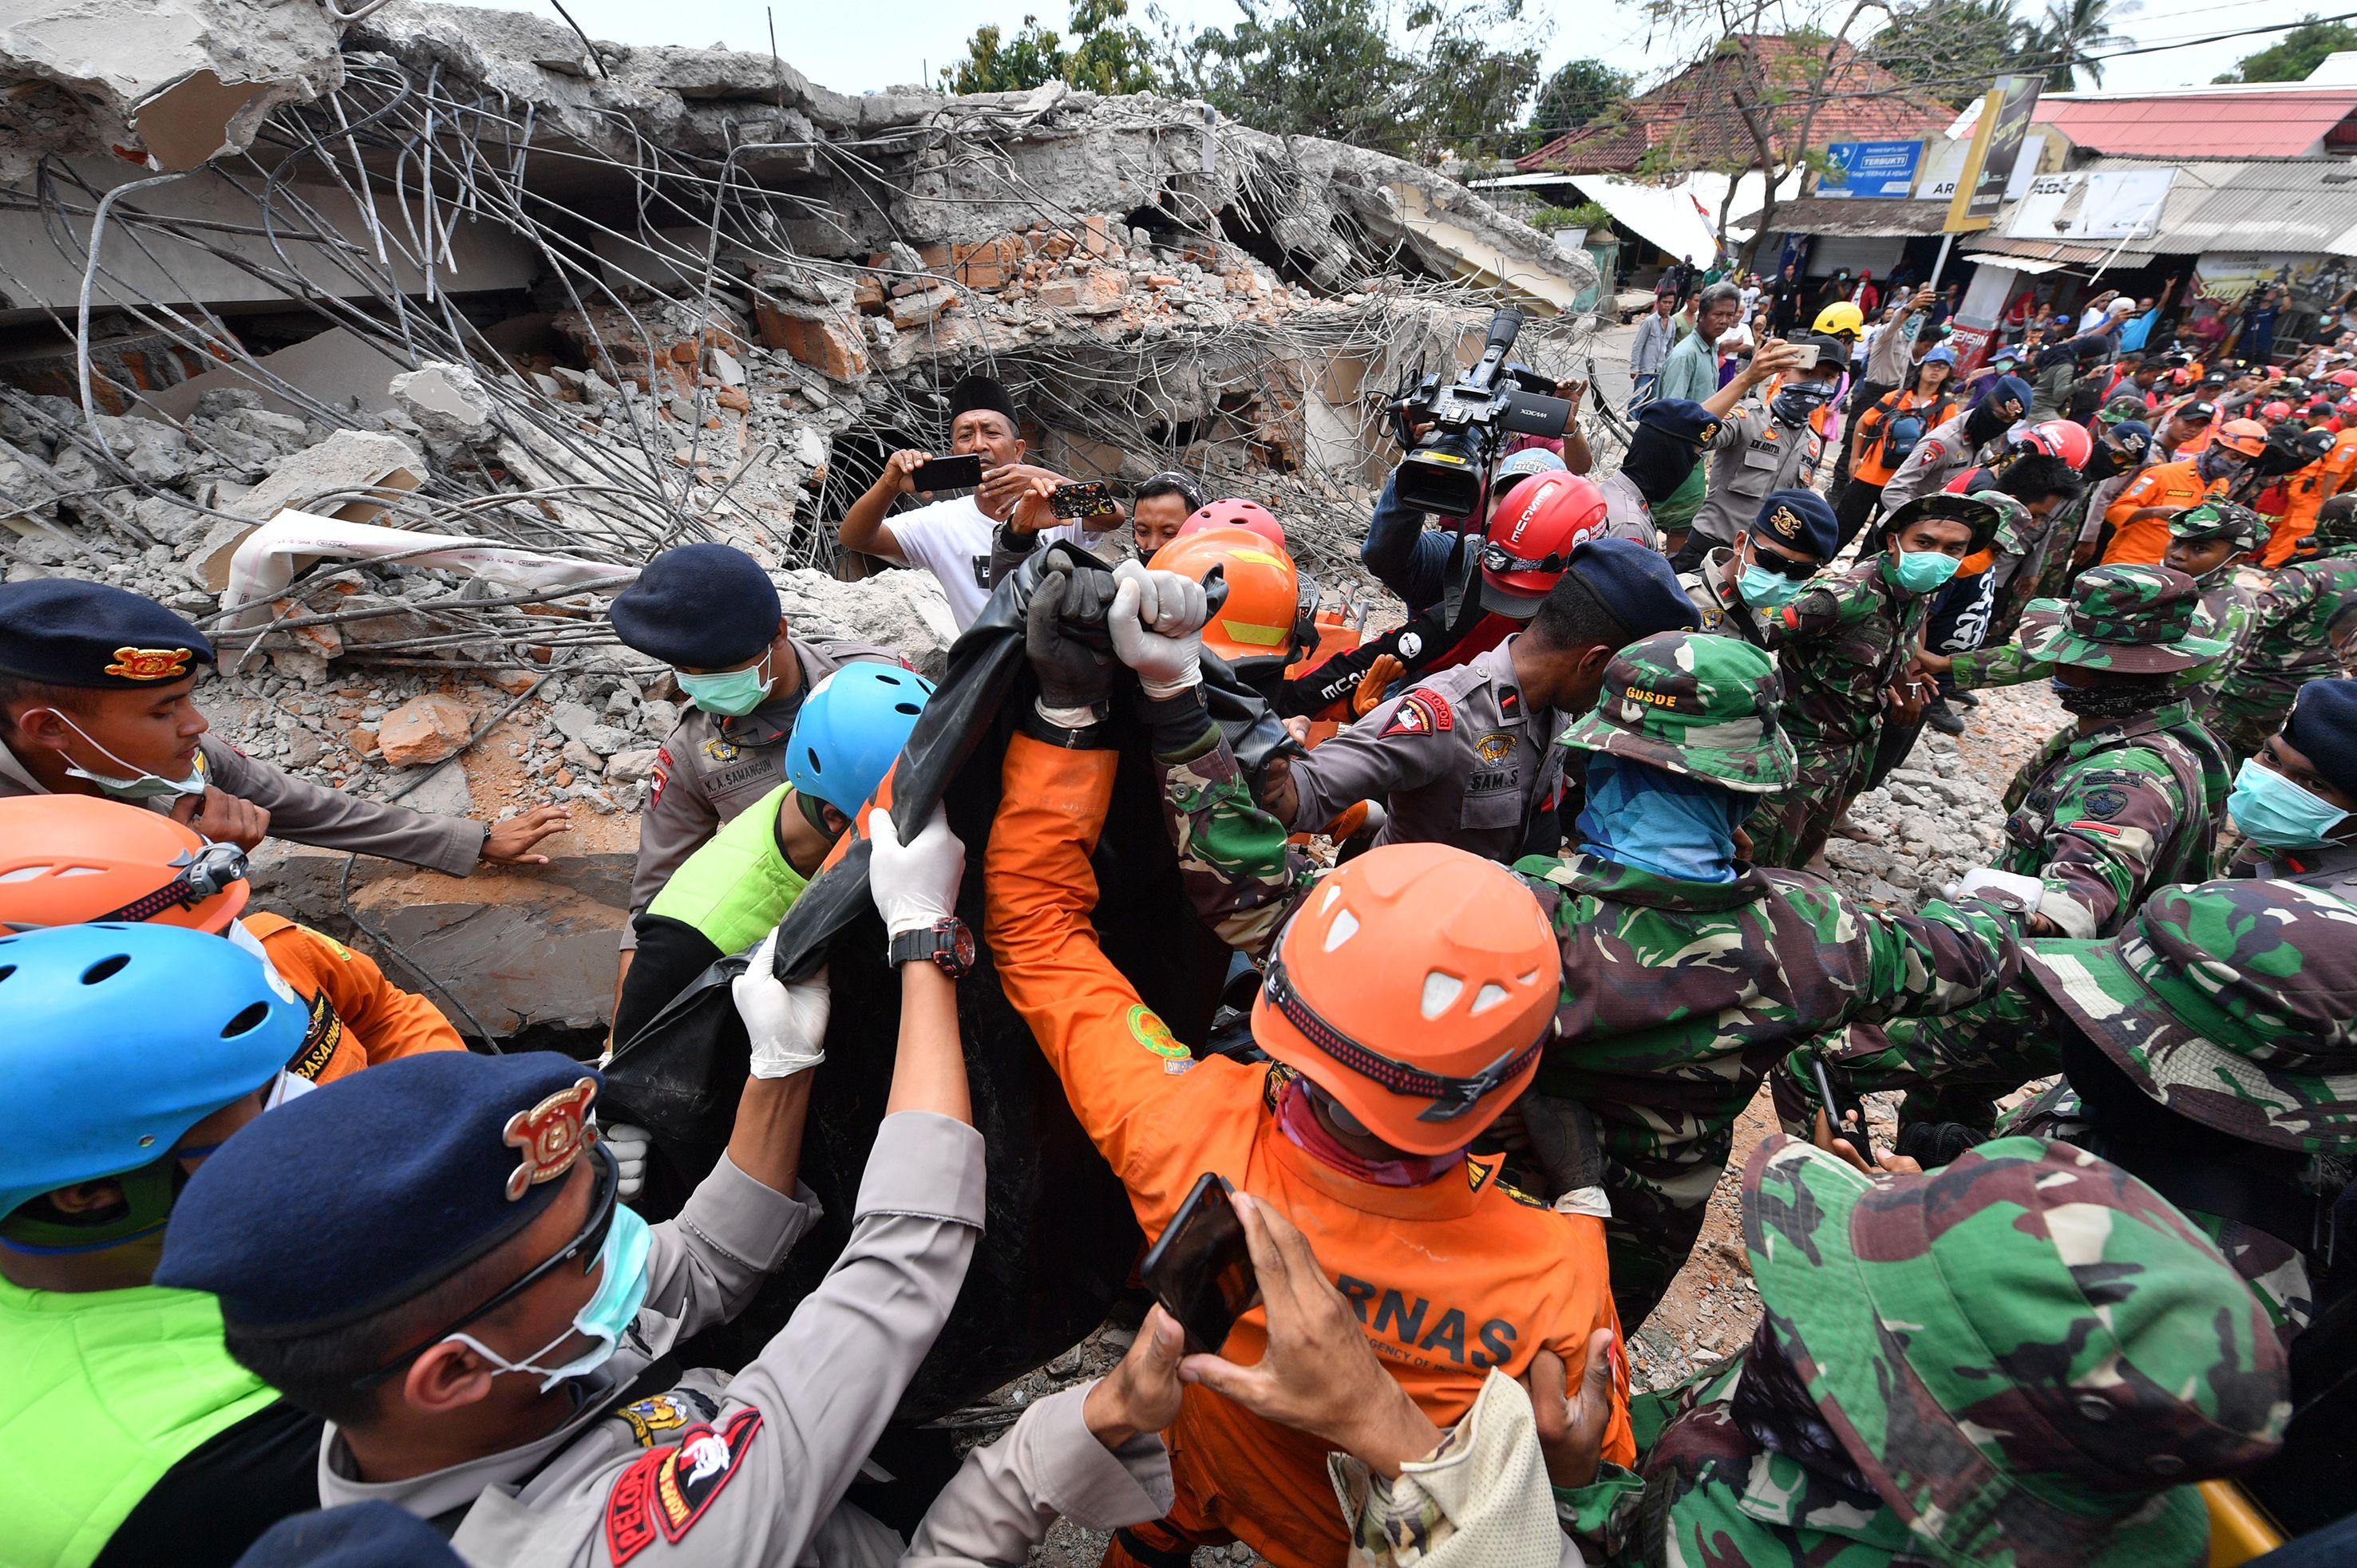 قوات الأمن وعناصر الإنقاذ يبحثون عن أحياء تحت الأنقاض